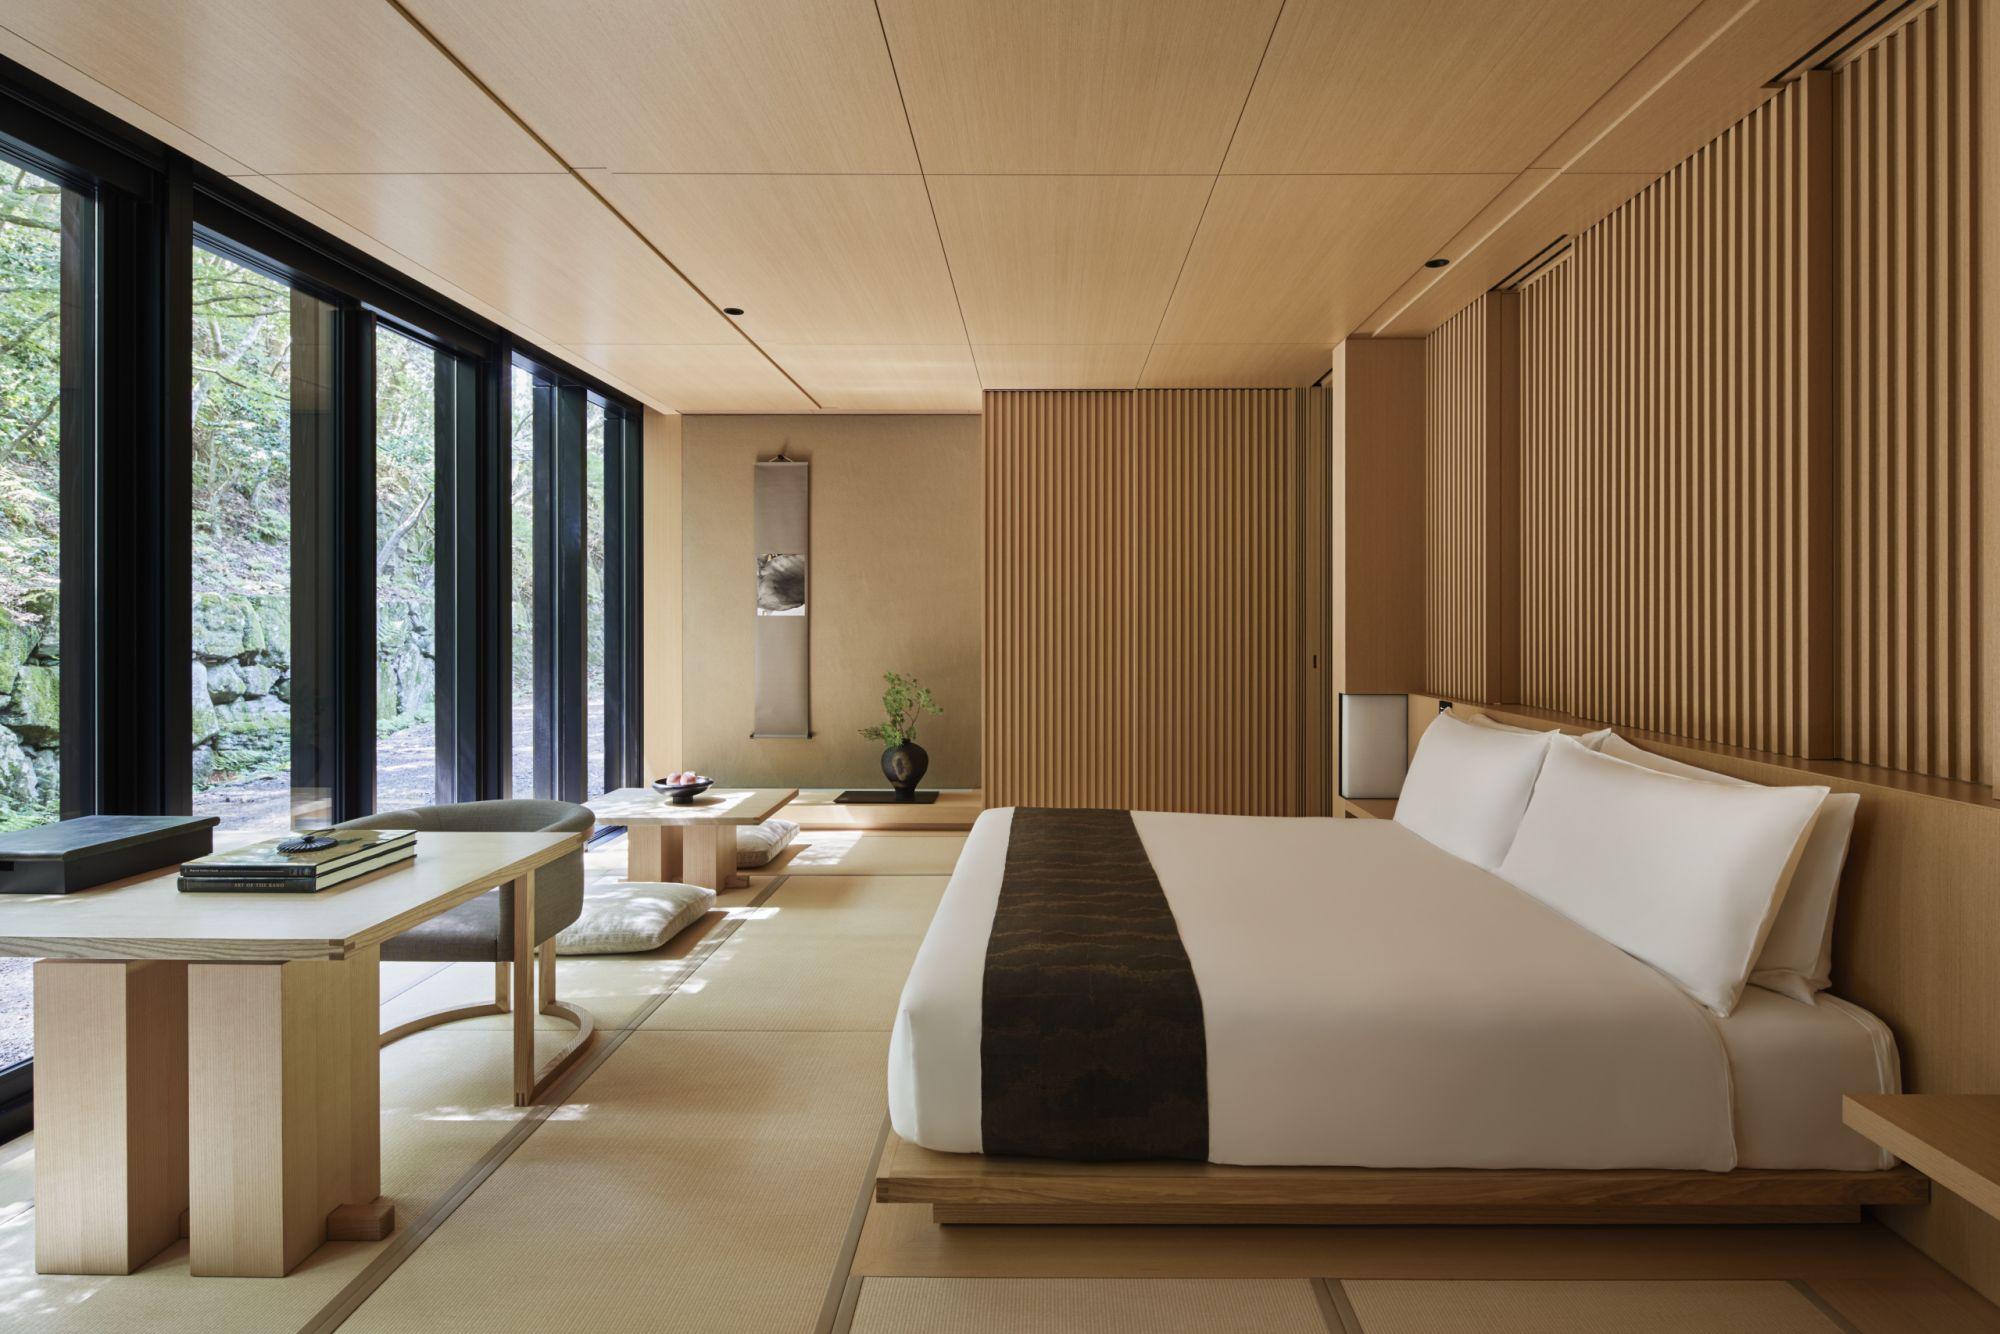 Aman's Newest Property Is A Secret Sanctuary In Quaint Kyoto